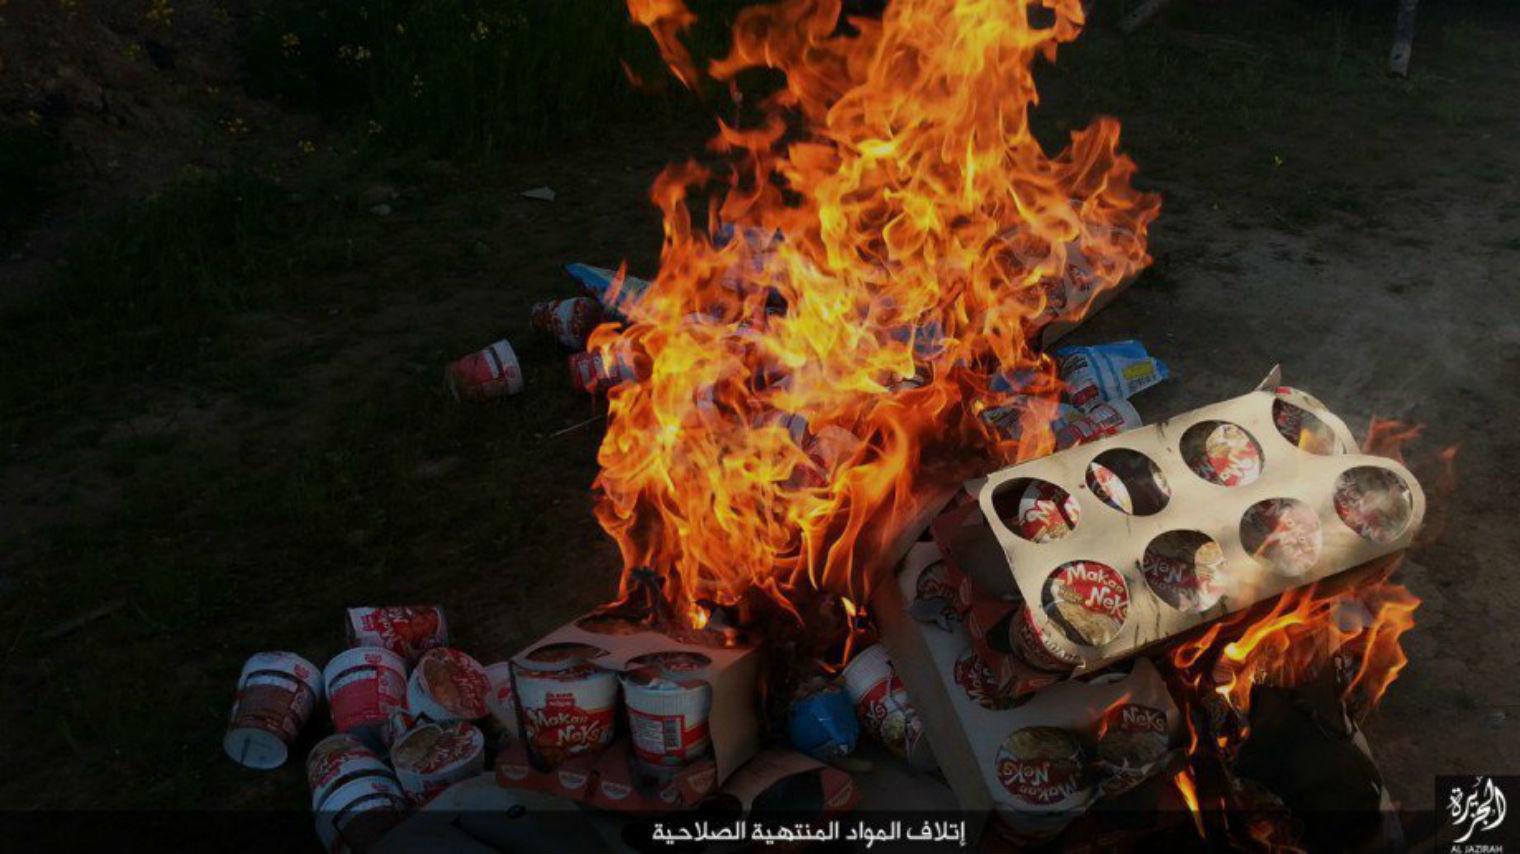 Pendant ce temps-là dans le Califat, Daesh brûle des milliers de paquets de nouilles (PHOTOS)